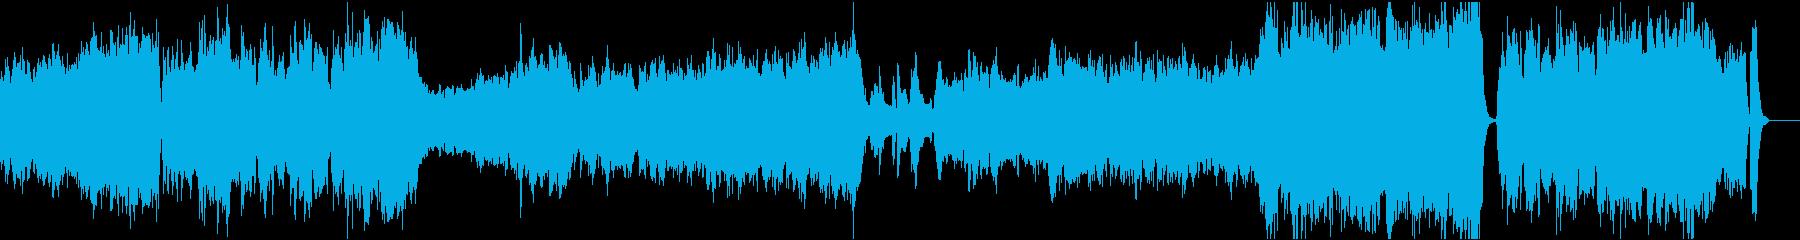 ゲームのオープニングや映像用オーケストラの再生済みの波形